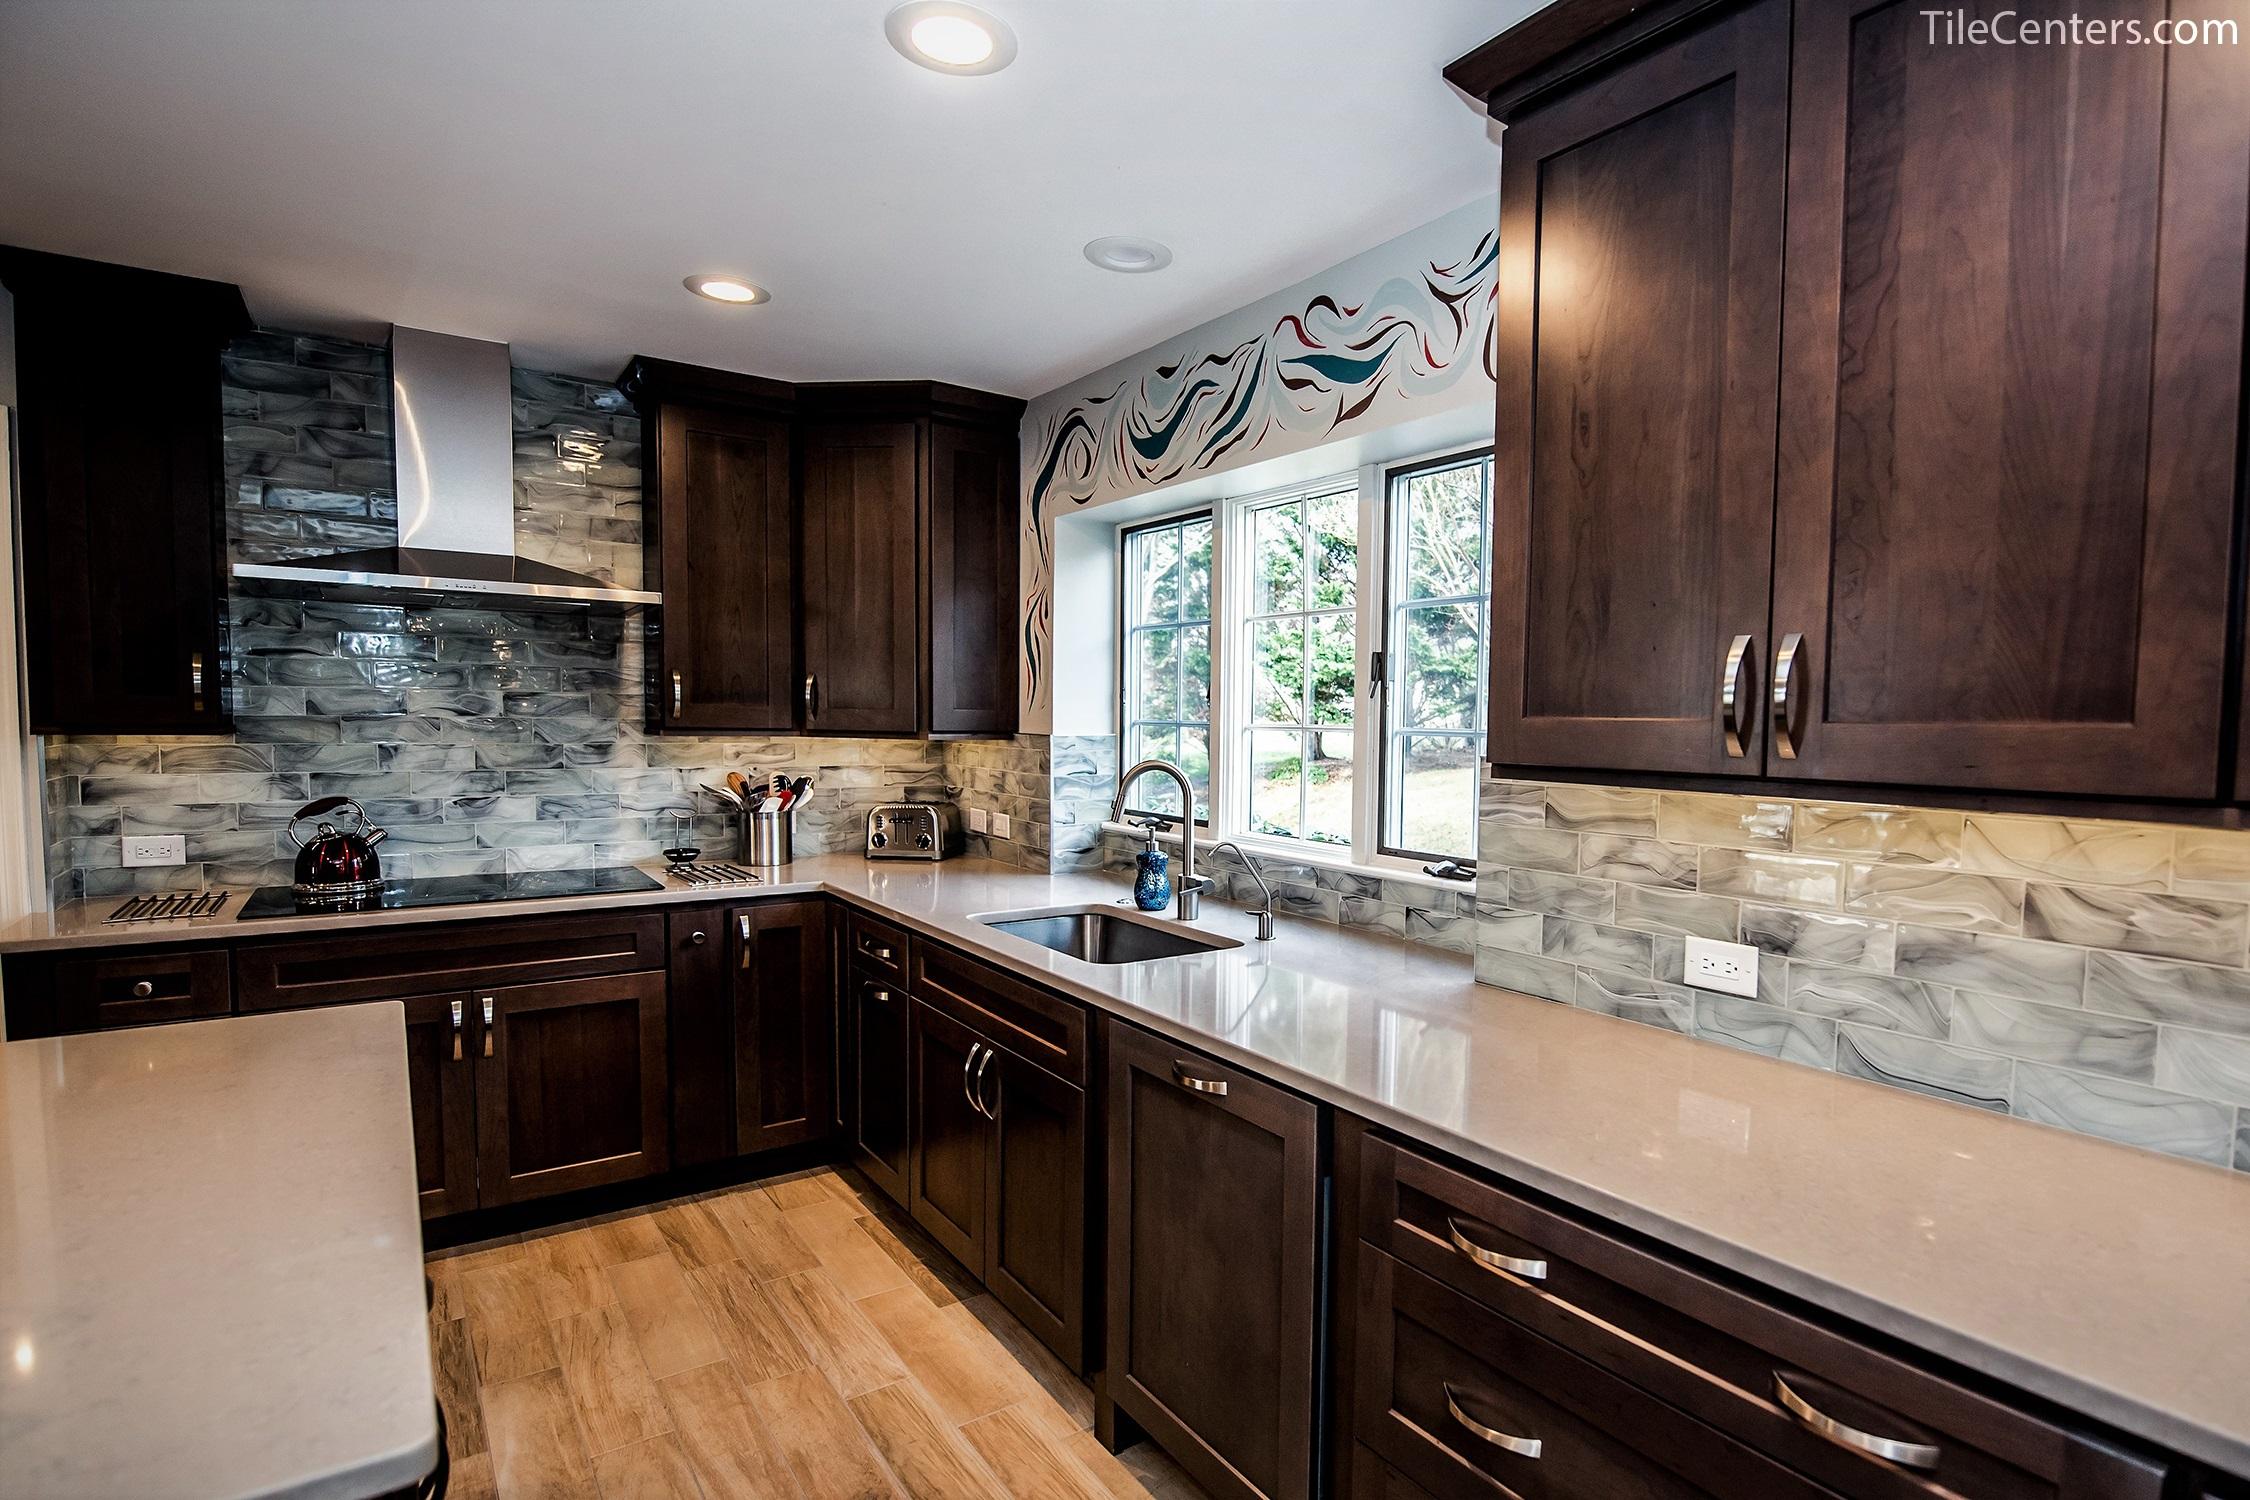 Kitchen Remodel Farcroft Lane Gaithersburg Md 20882